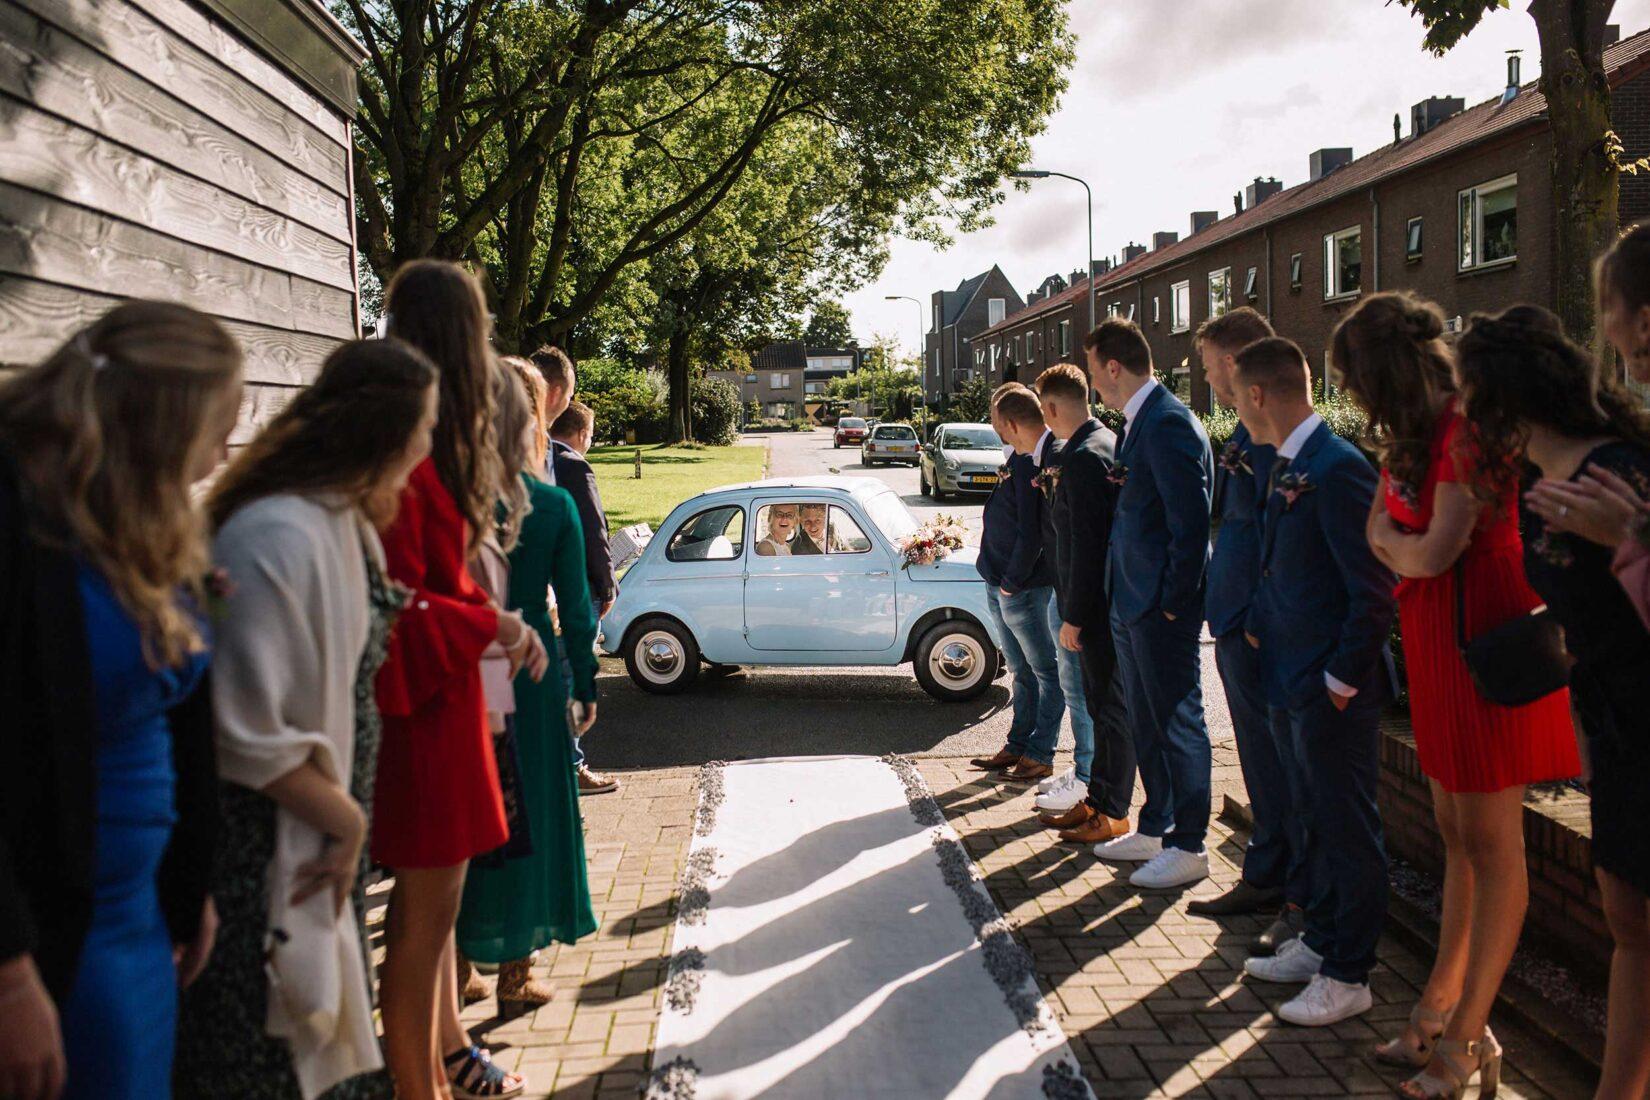 Bruidspaar in auto wordt verwelkomd door gasten